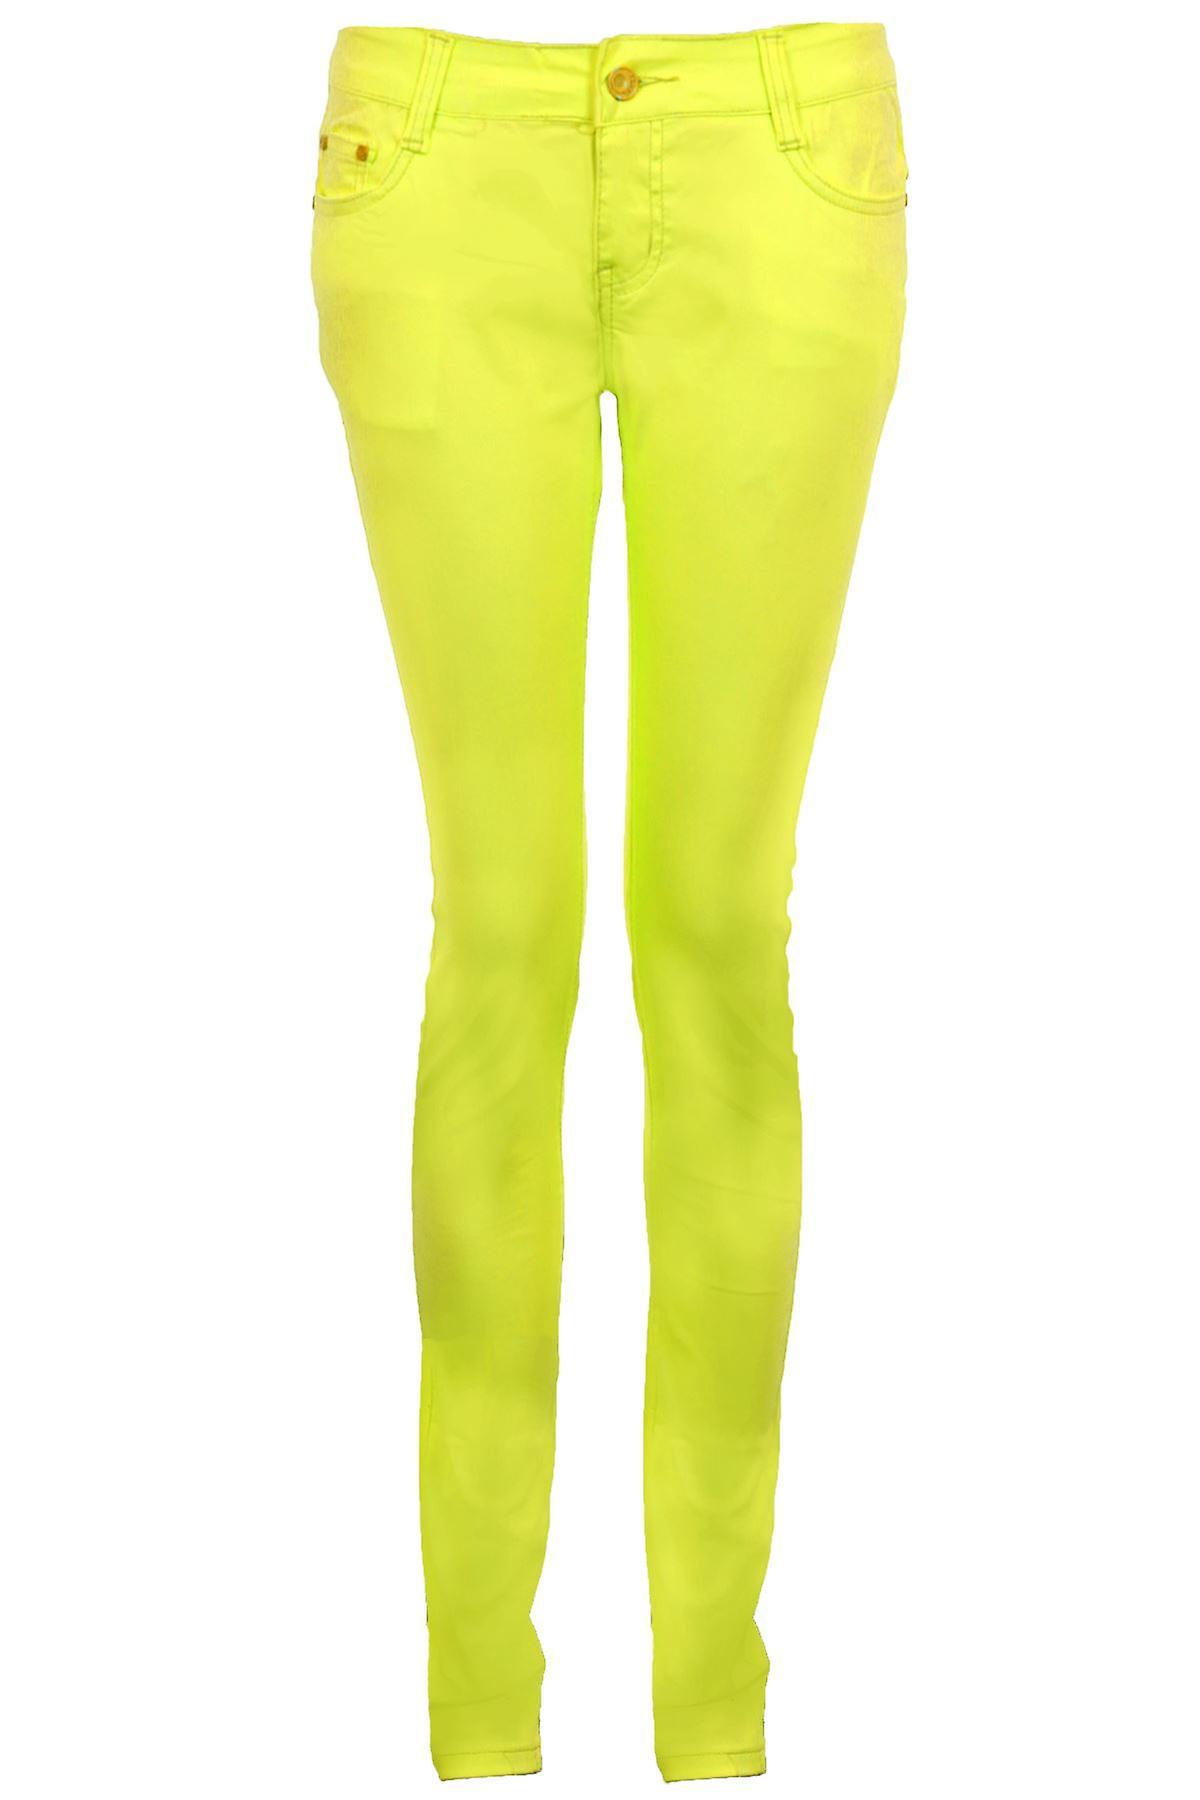 Hyvät fluoresoiva tavallinen ohut Skinny Fit naisten venyttää housut farkut jeggingsejä